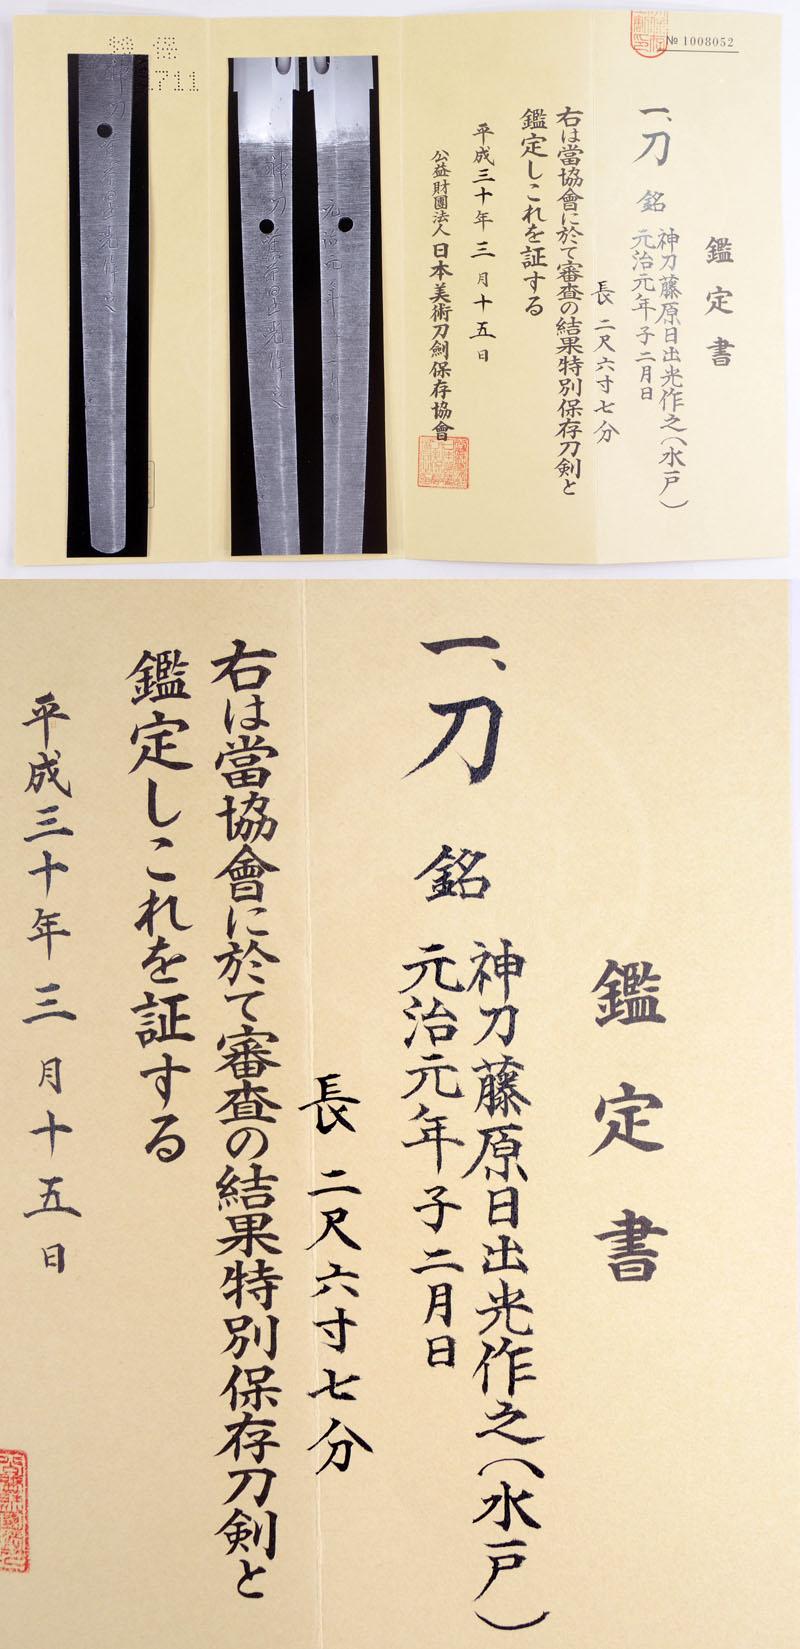 藤原日出光作之(水戸) Picture of Certificate